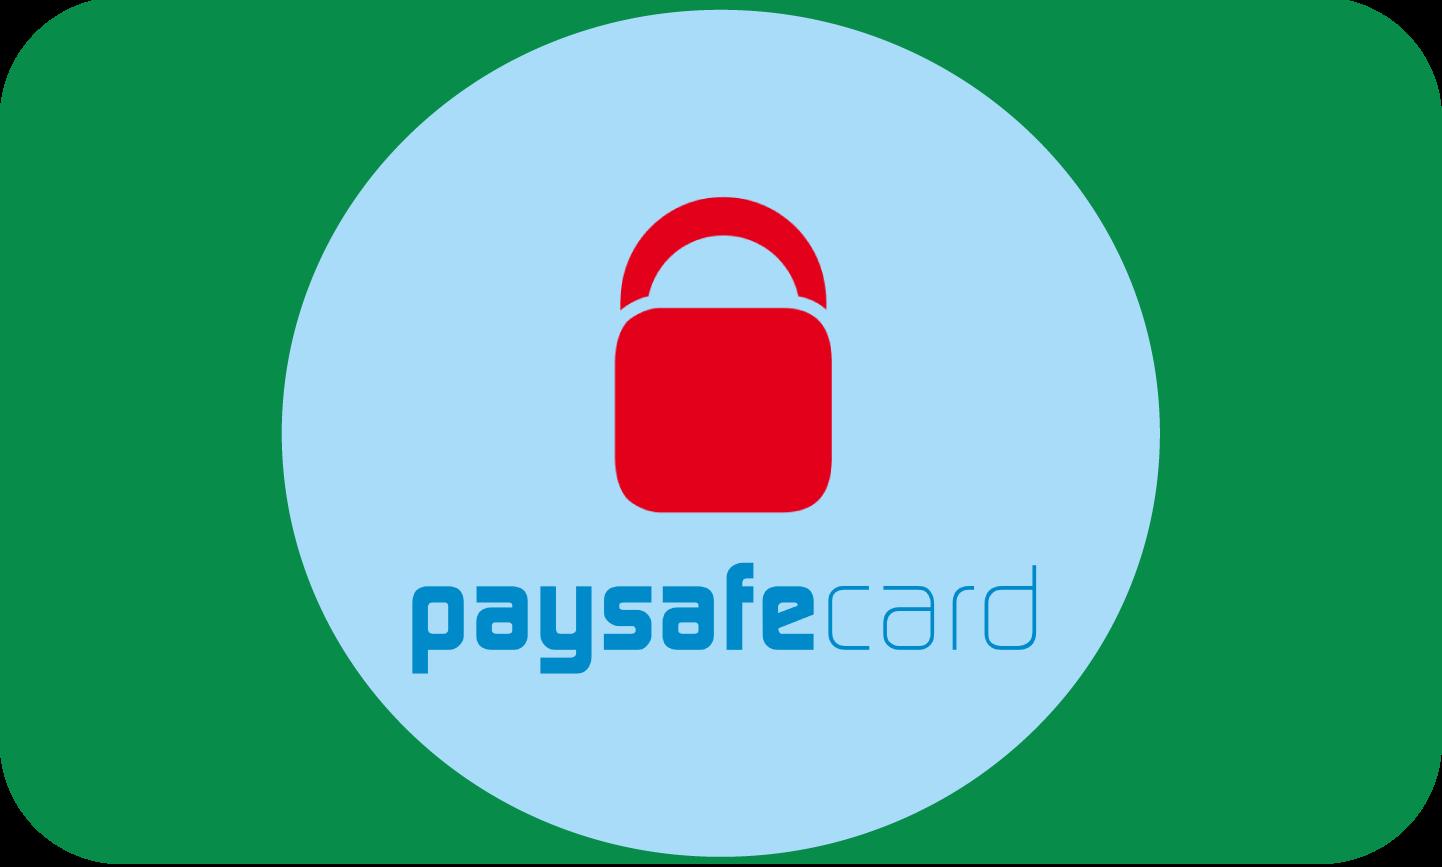 PaySafeCard